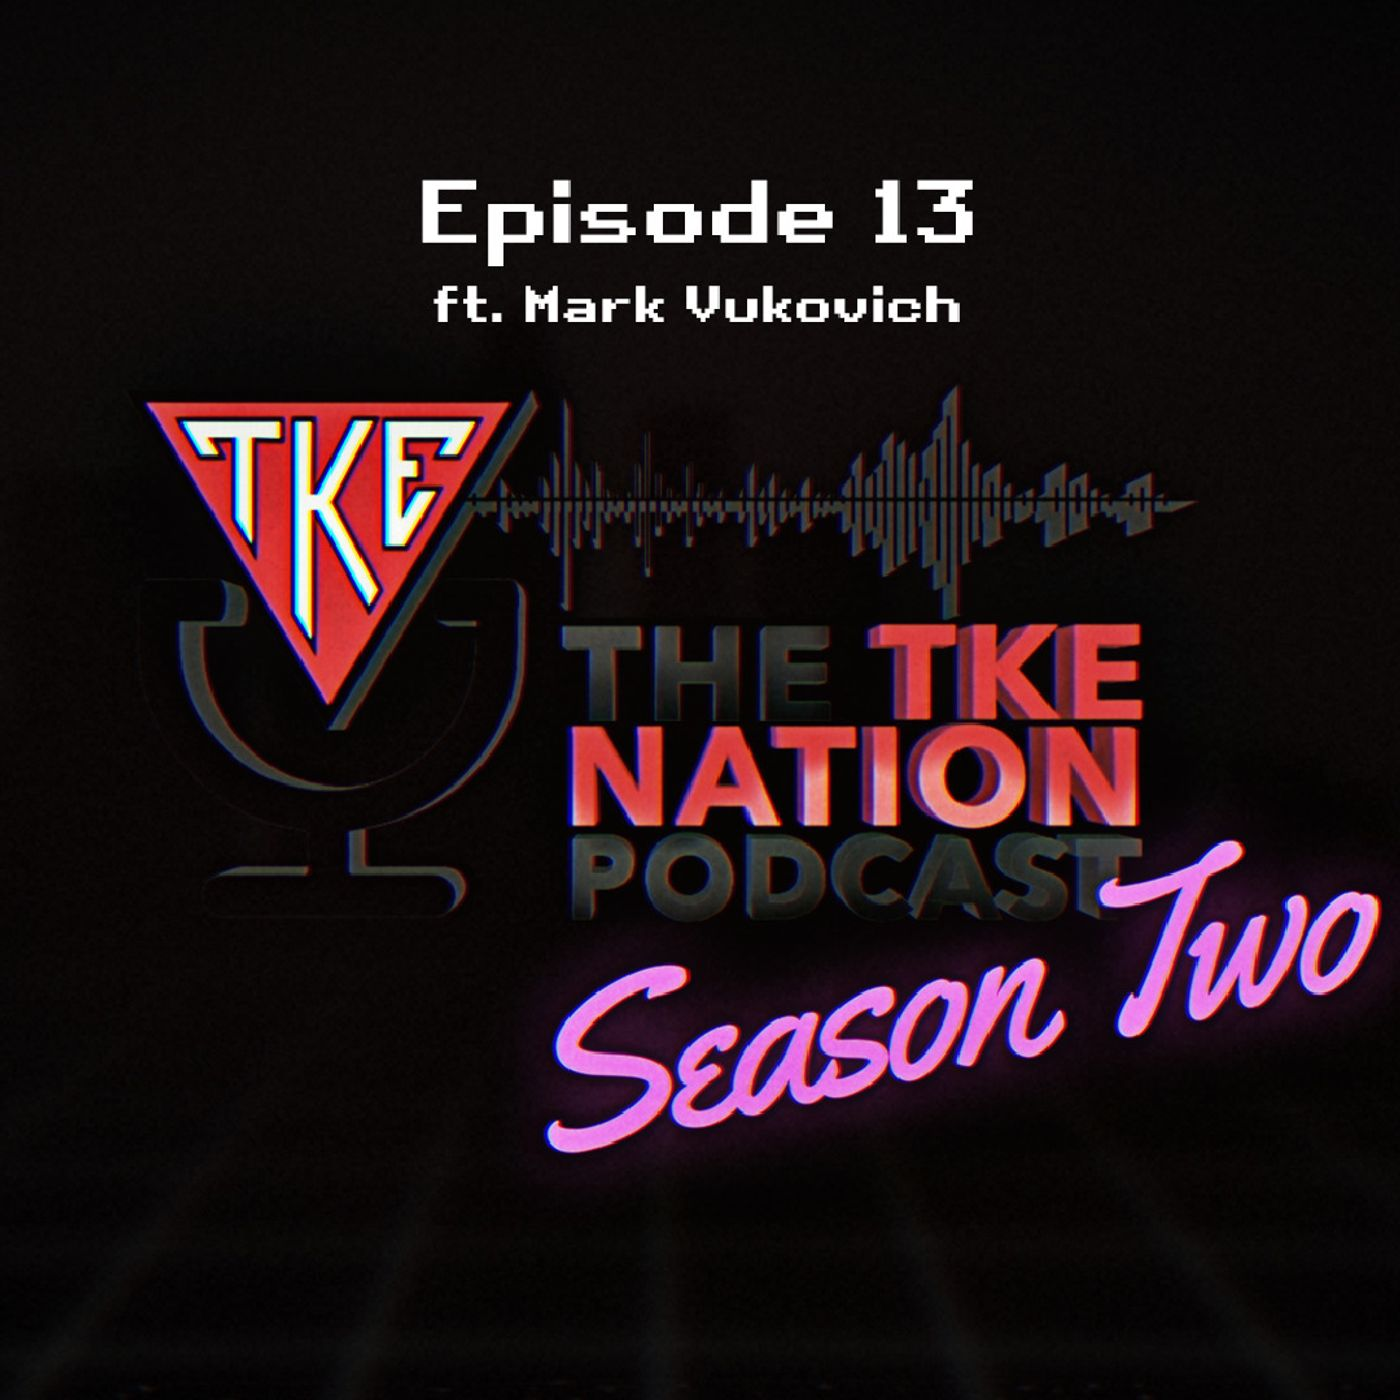 The TKE Nation Podcast | S2: E13 | Ft. Ft Mark Vukovich